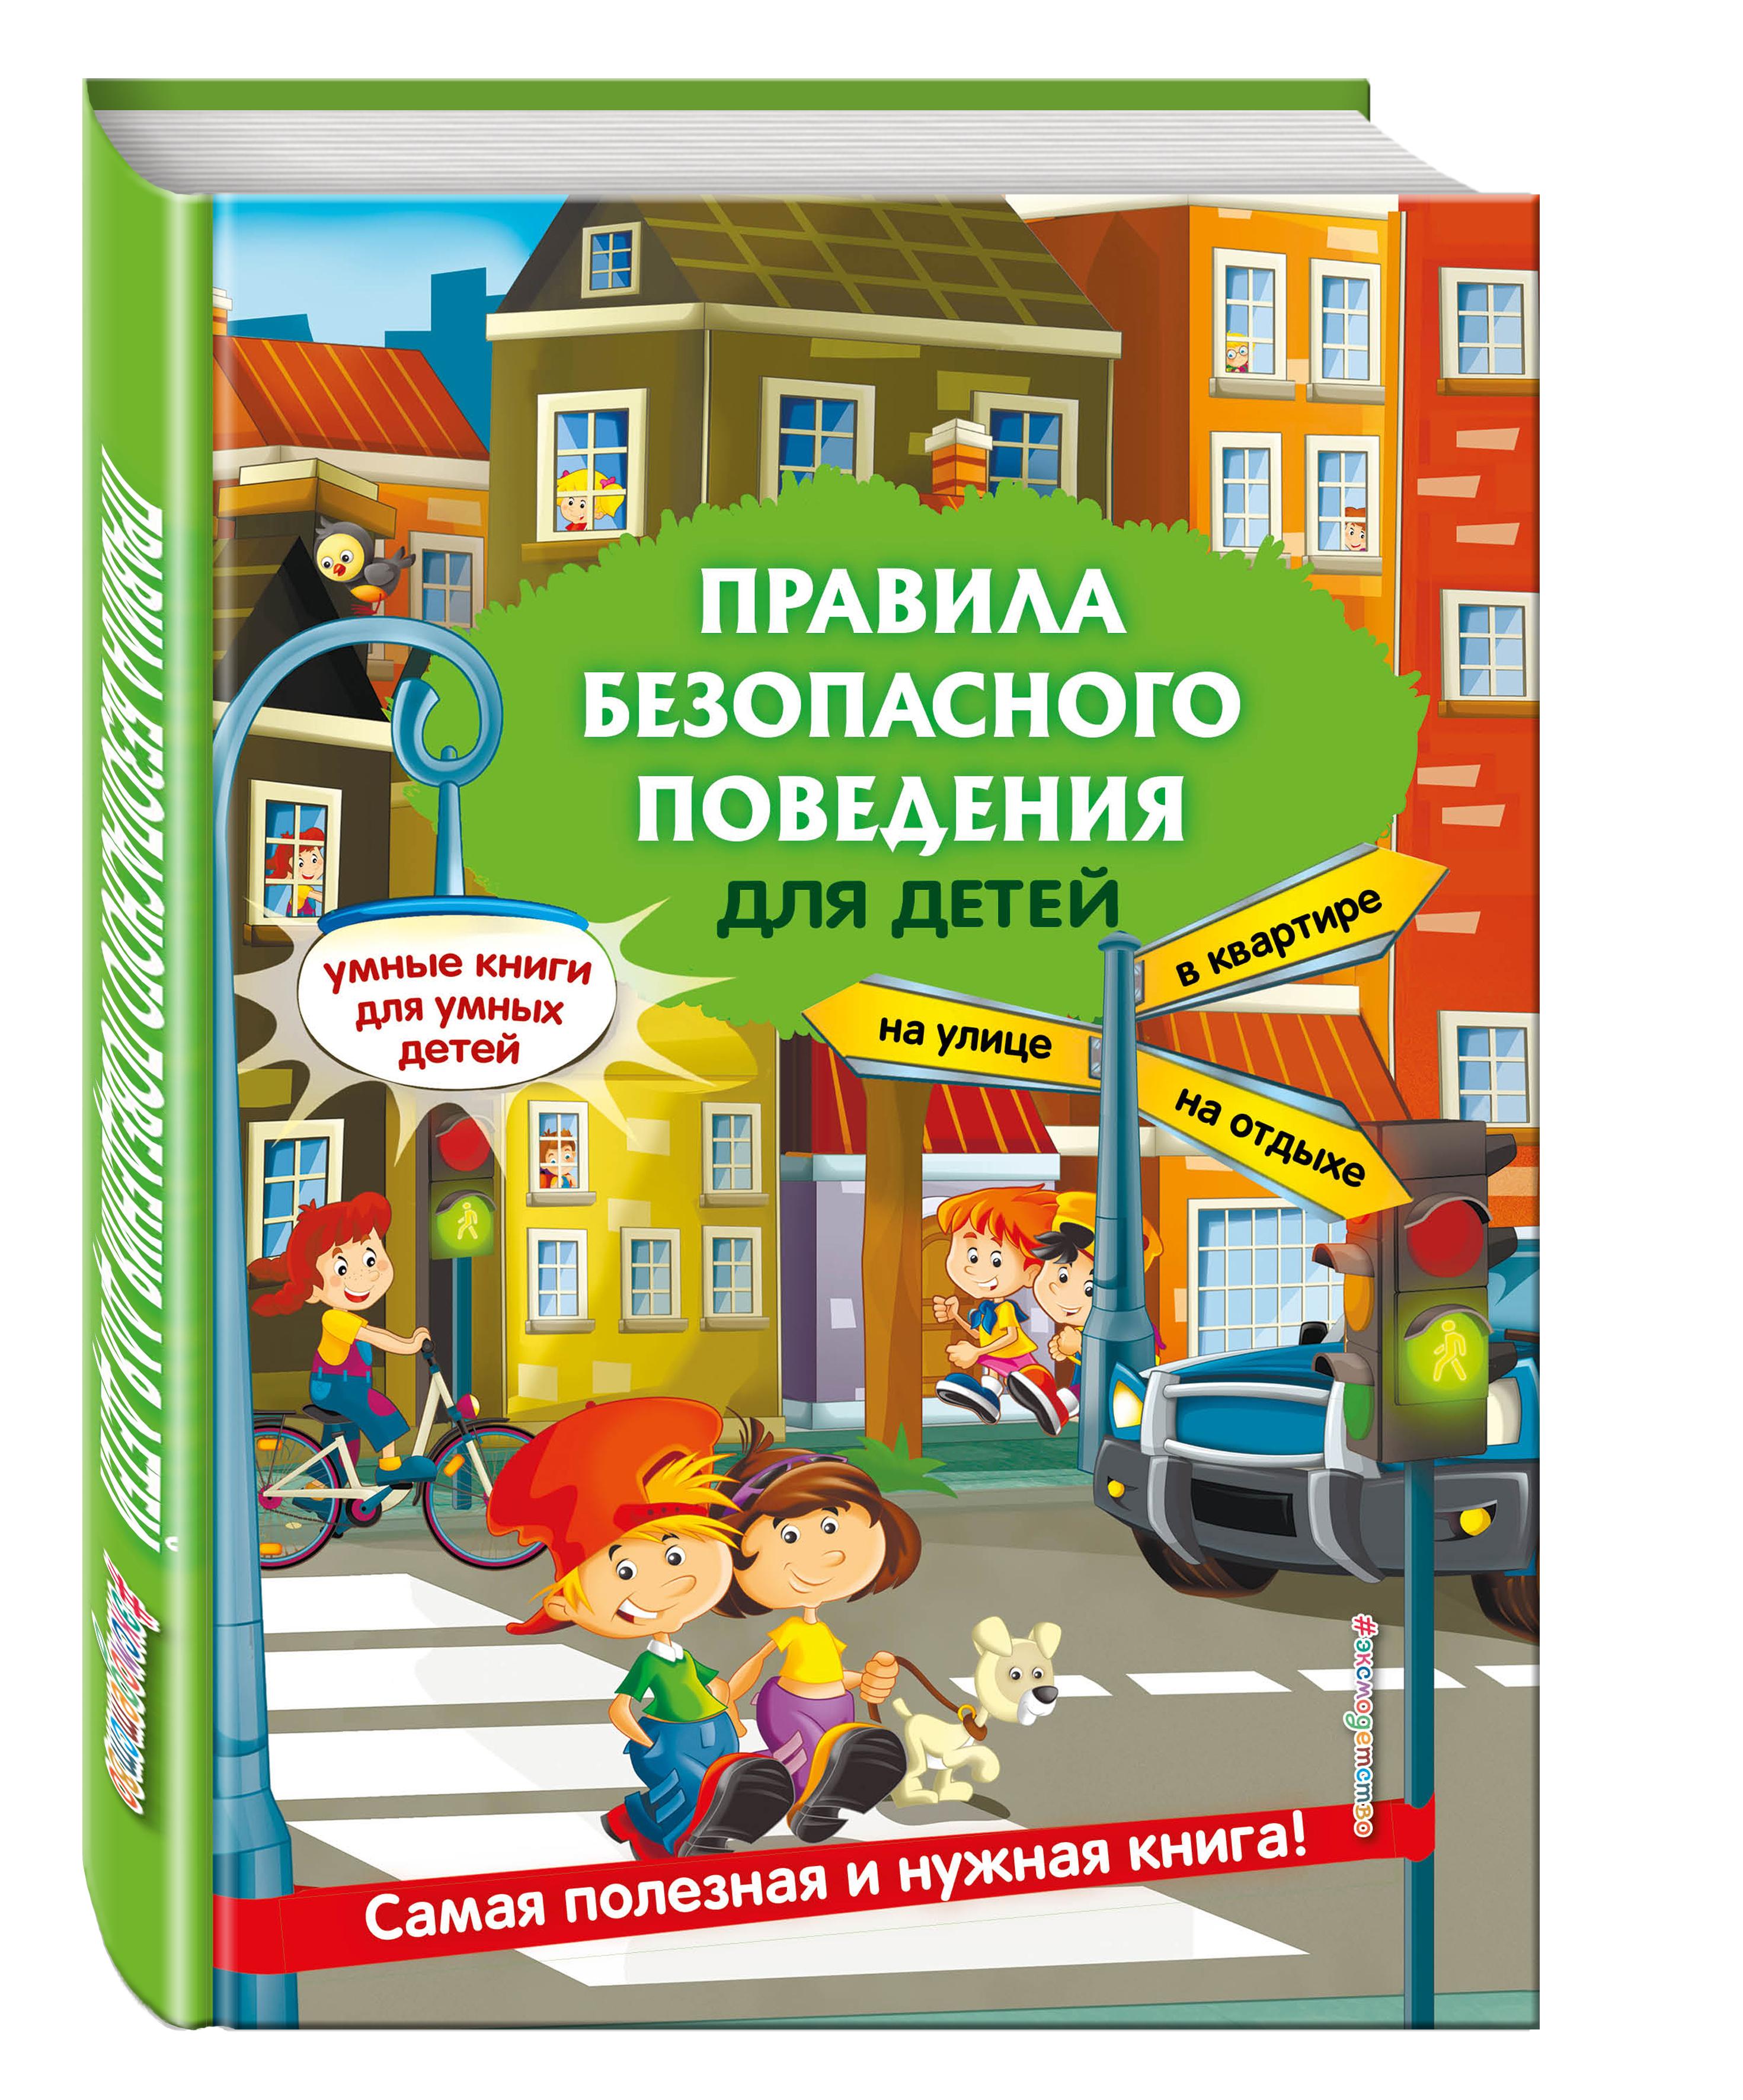 Купить со скидкой Правила безопасного поведения для детей